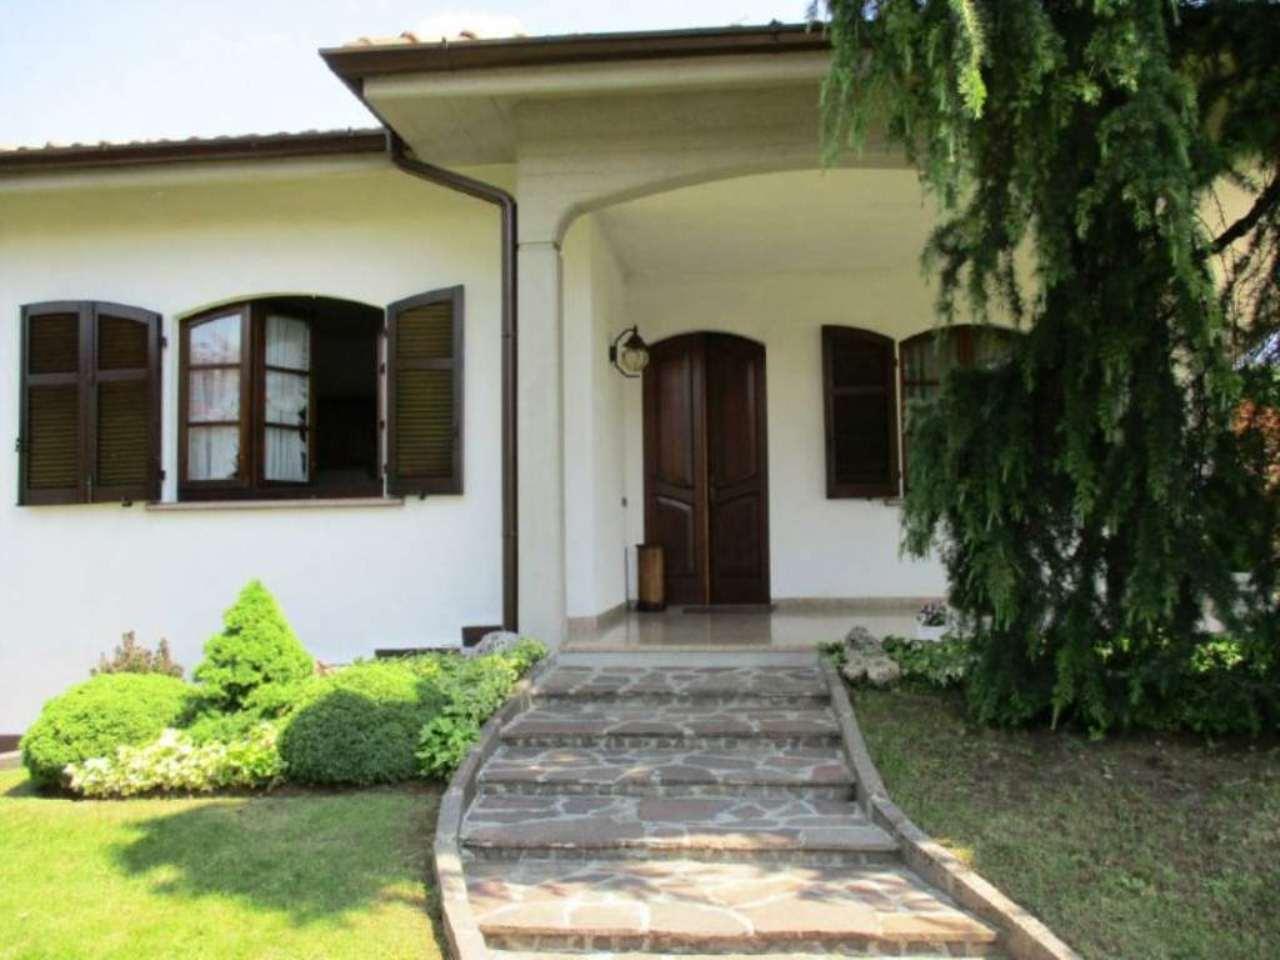 Villa in vendita a Bariano, 5 locali, prezzo € 290.000 | Cambio Casa.it